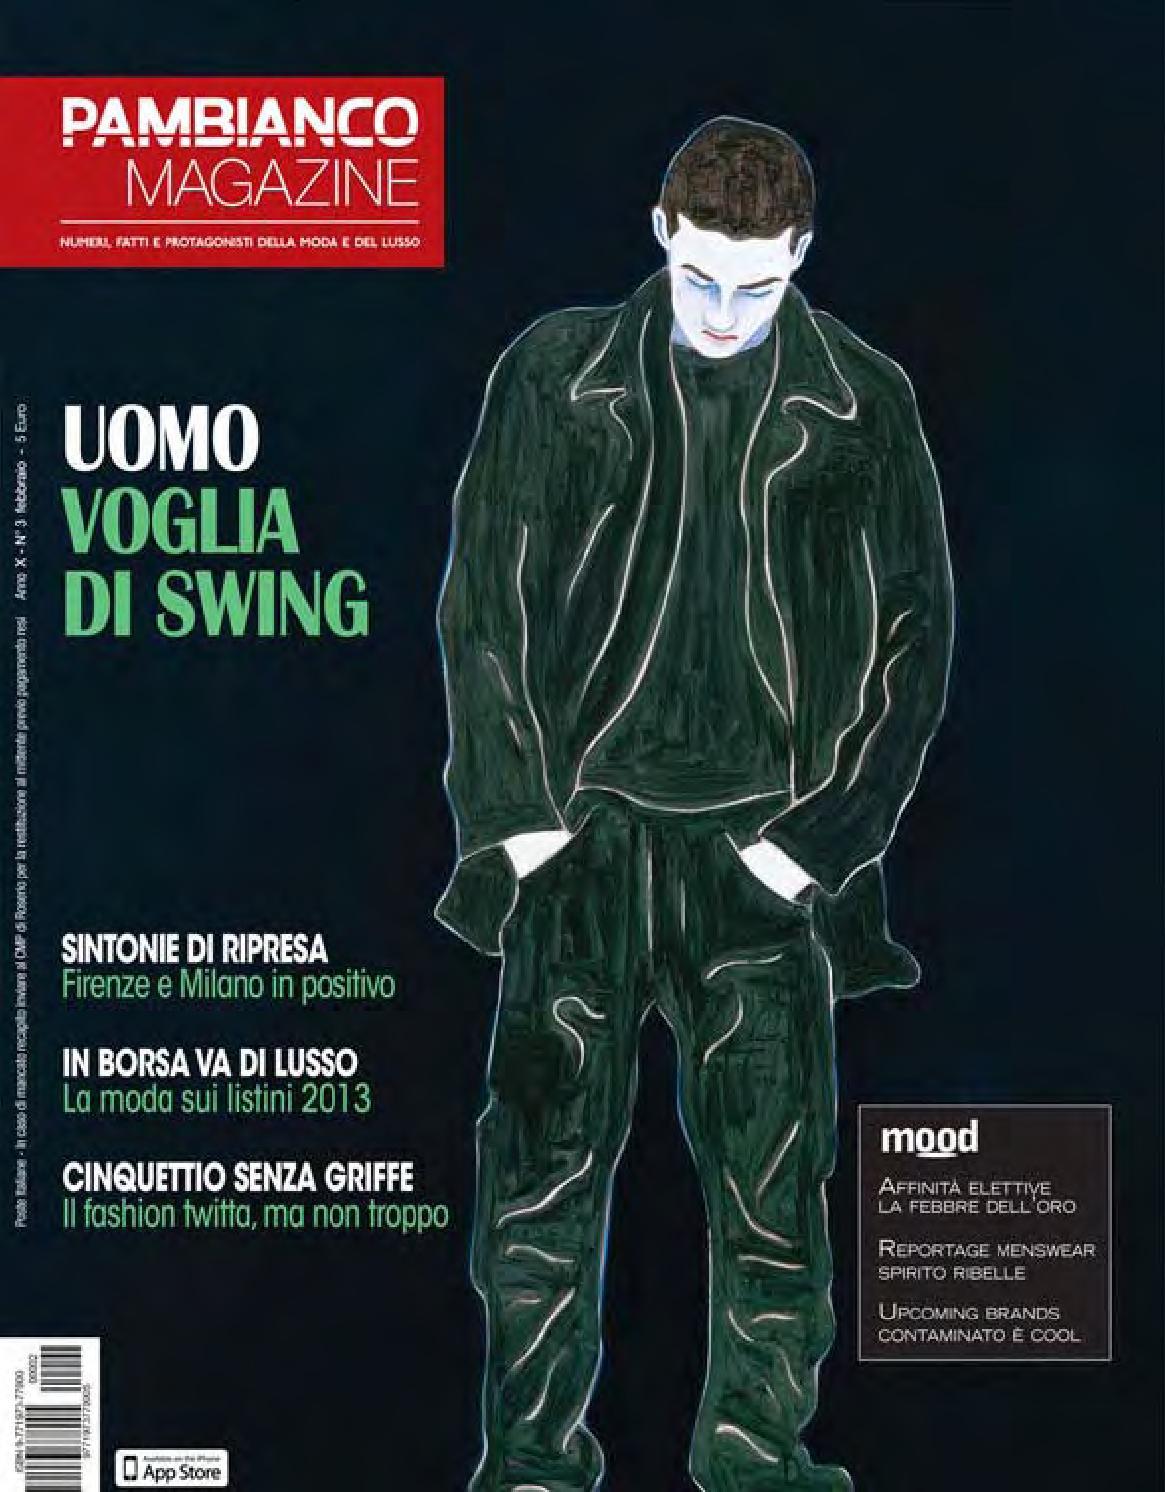 issuu N Magazine Pambianco Pambianconews 3 X by qYPC5